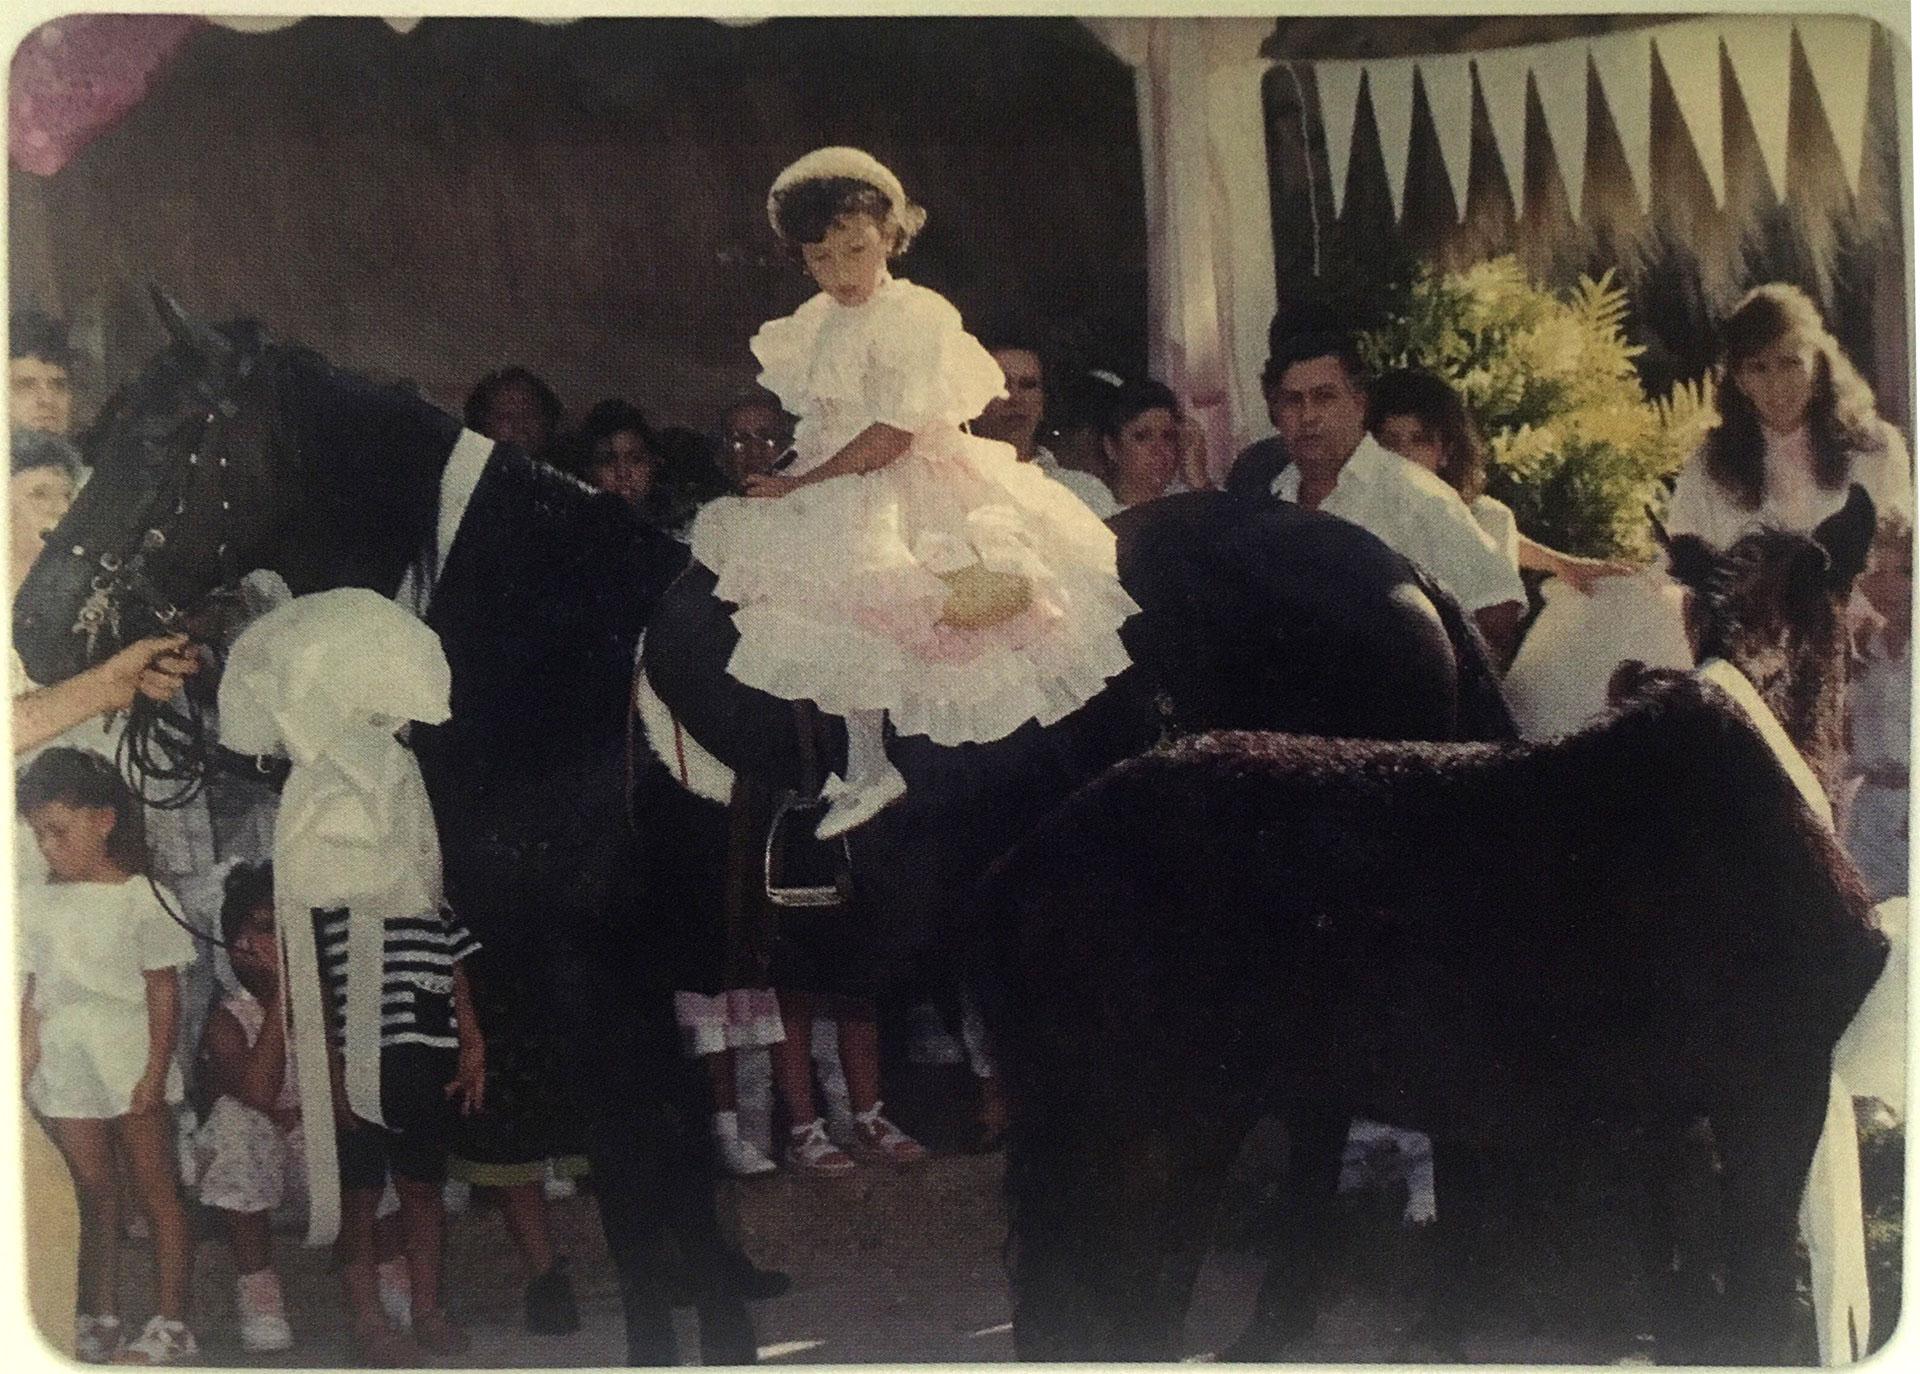 Desterrando un mito: la foto del cumpleaños número cuatro de Manuela. Siempre se dijo que Pablo Escobar le había regalado un unicornia a su hija. La madre presentó en su libro esta fotografía como prueba de que ello era una fantasía (Victoria Eugenia Henao / Editorial Planeta)